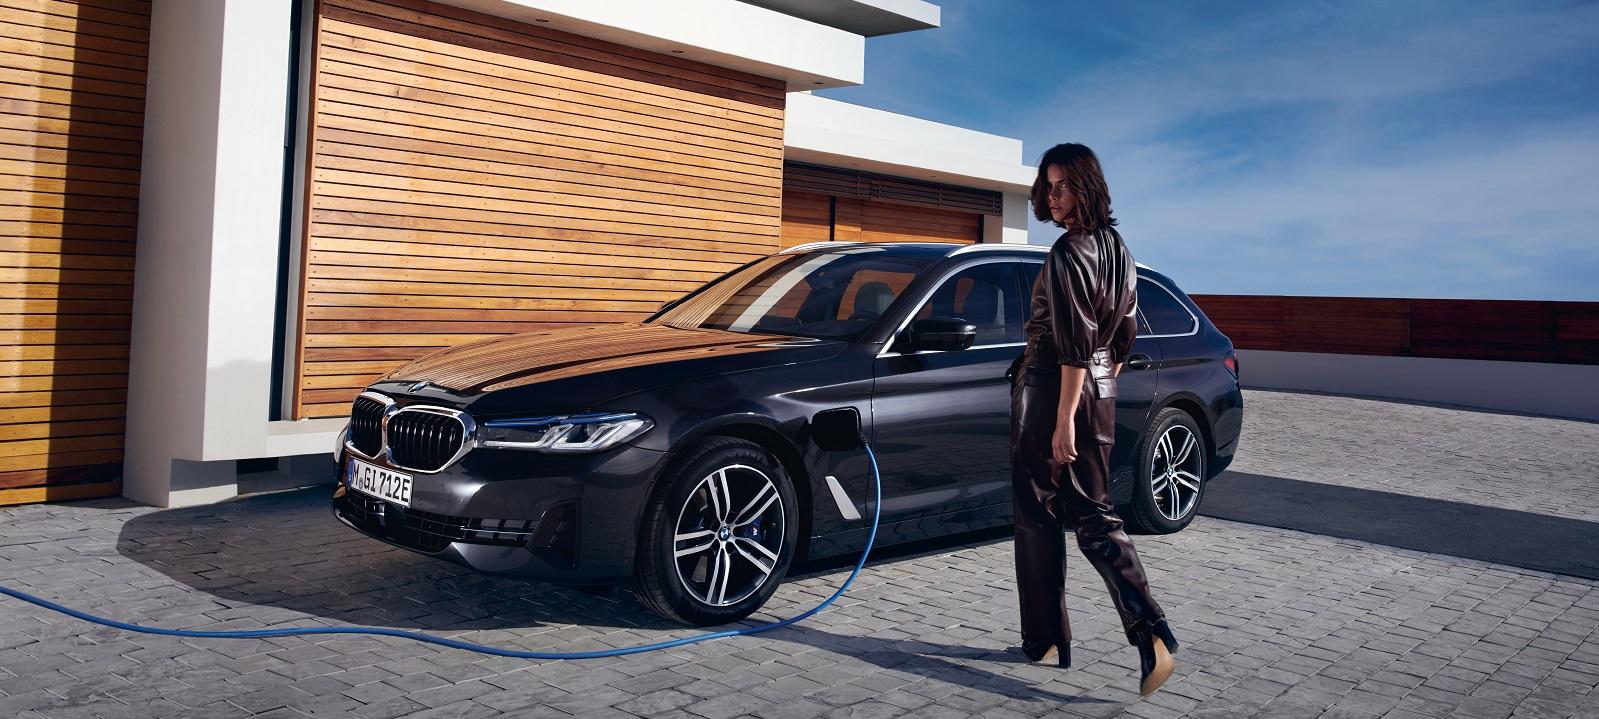 BMW Wagner - BMW 5er Touring Angebot